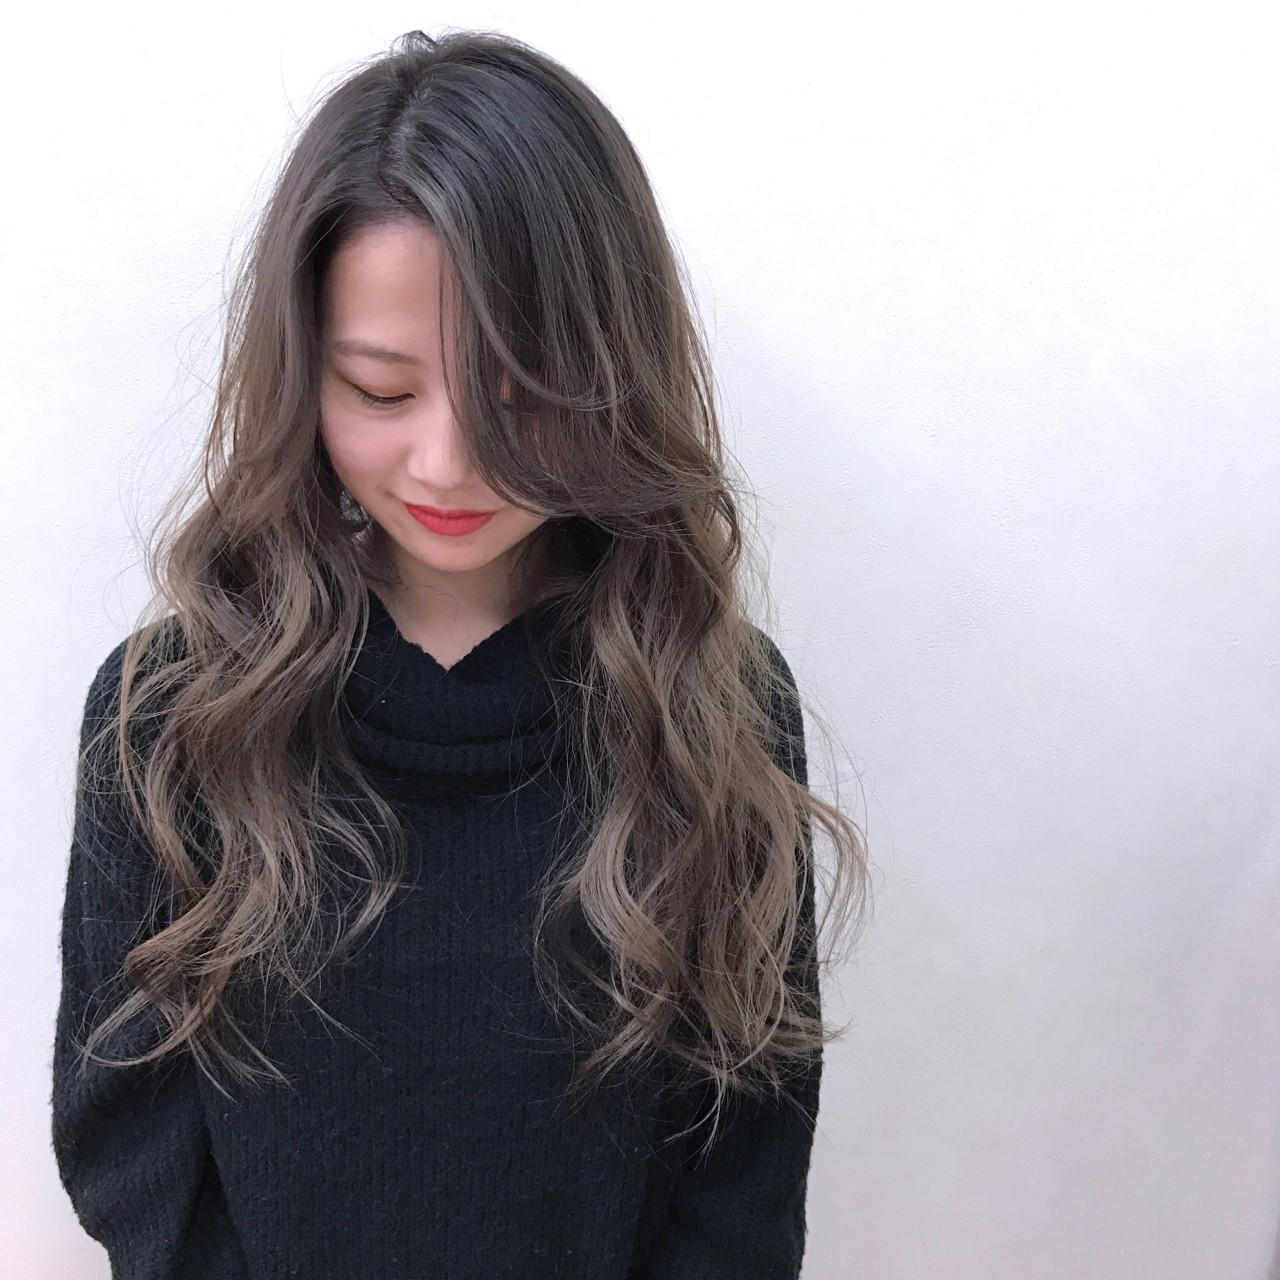 冬 ナチュラル グラデーションカラー ロング ヘアスタイルや髪型の写真・画像